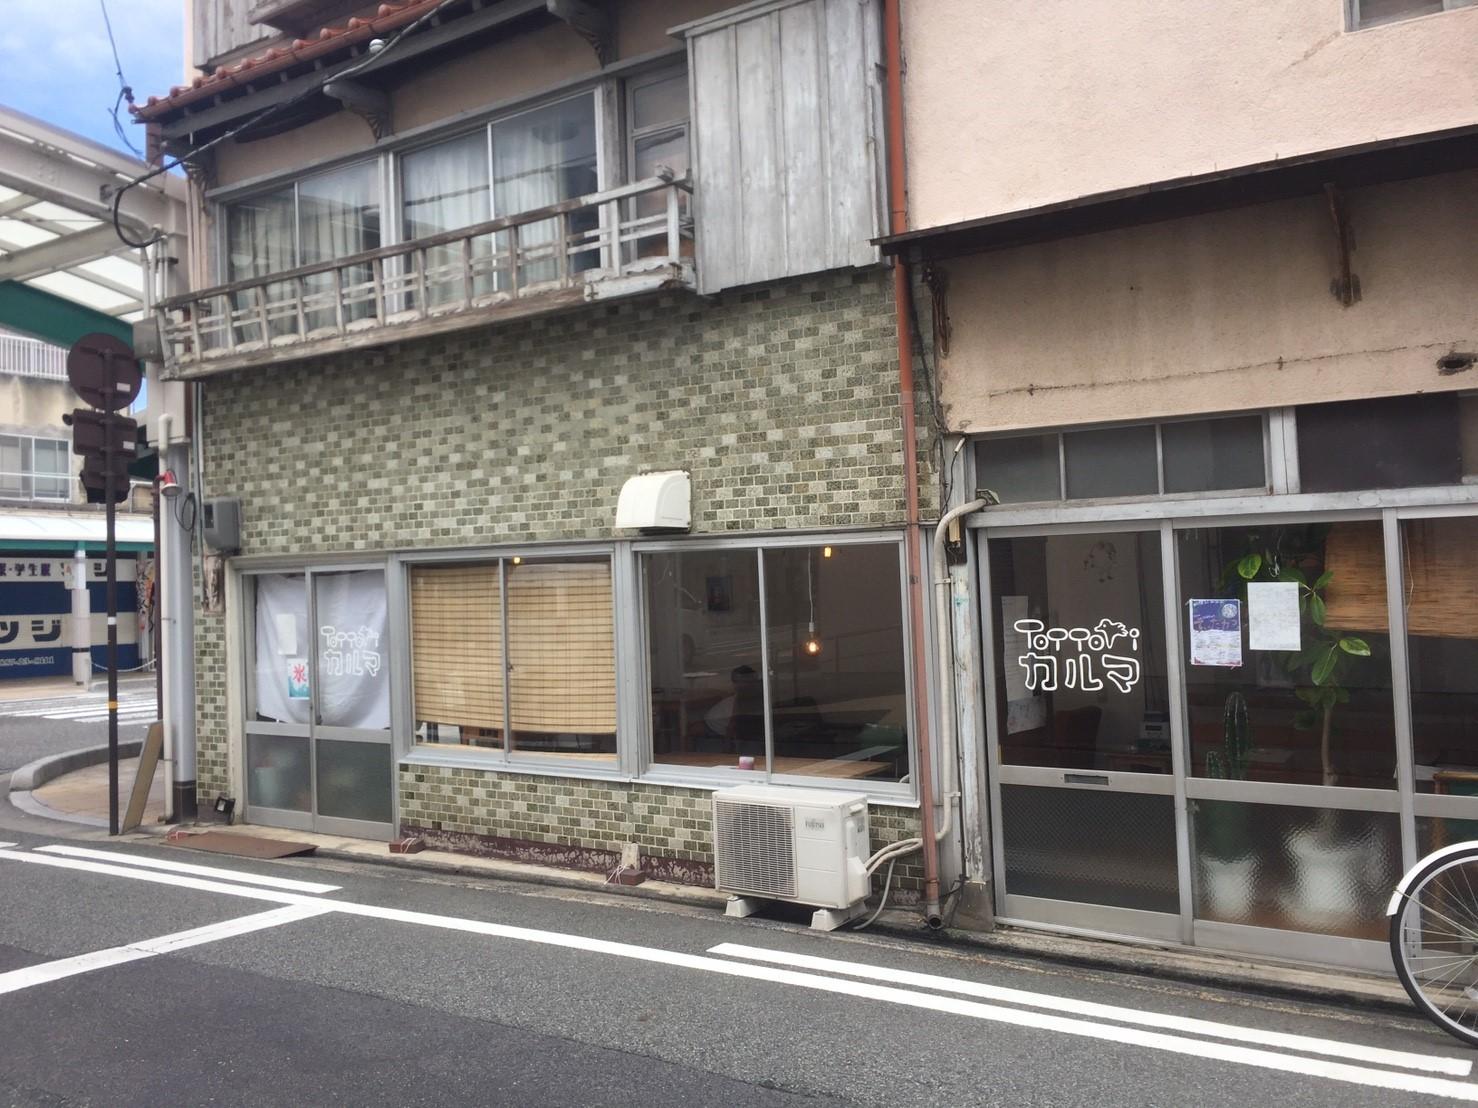 tottoriカルマ  まるなげ食堂_e0115904_14372927.jpg